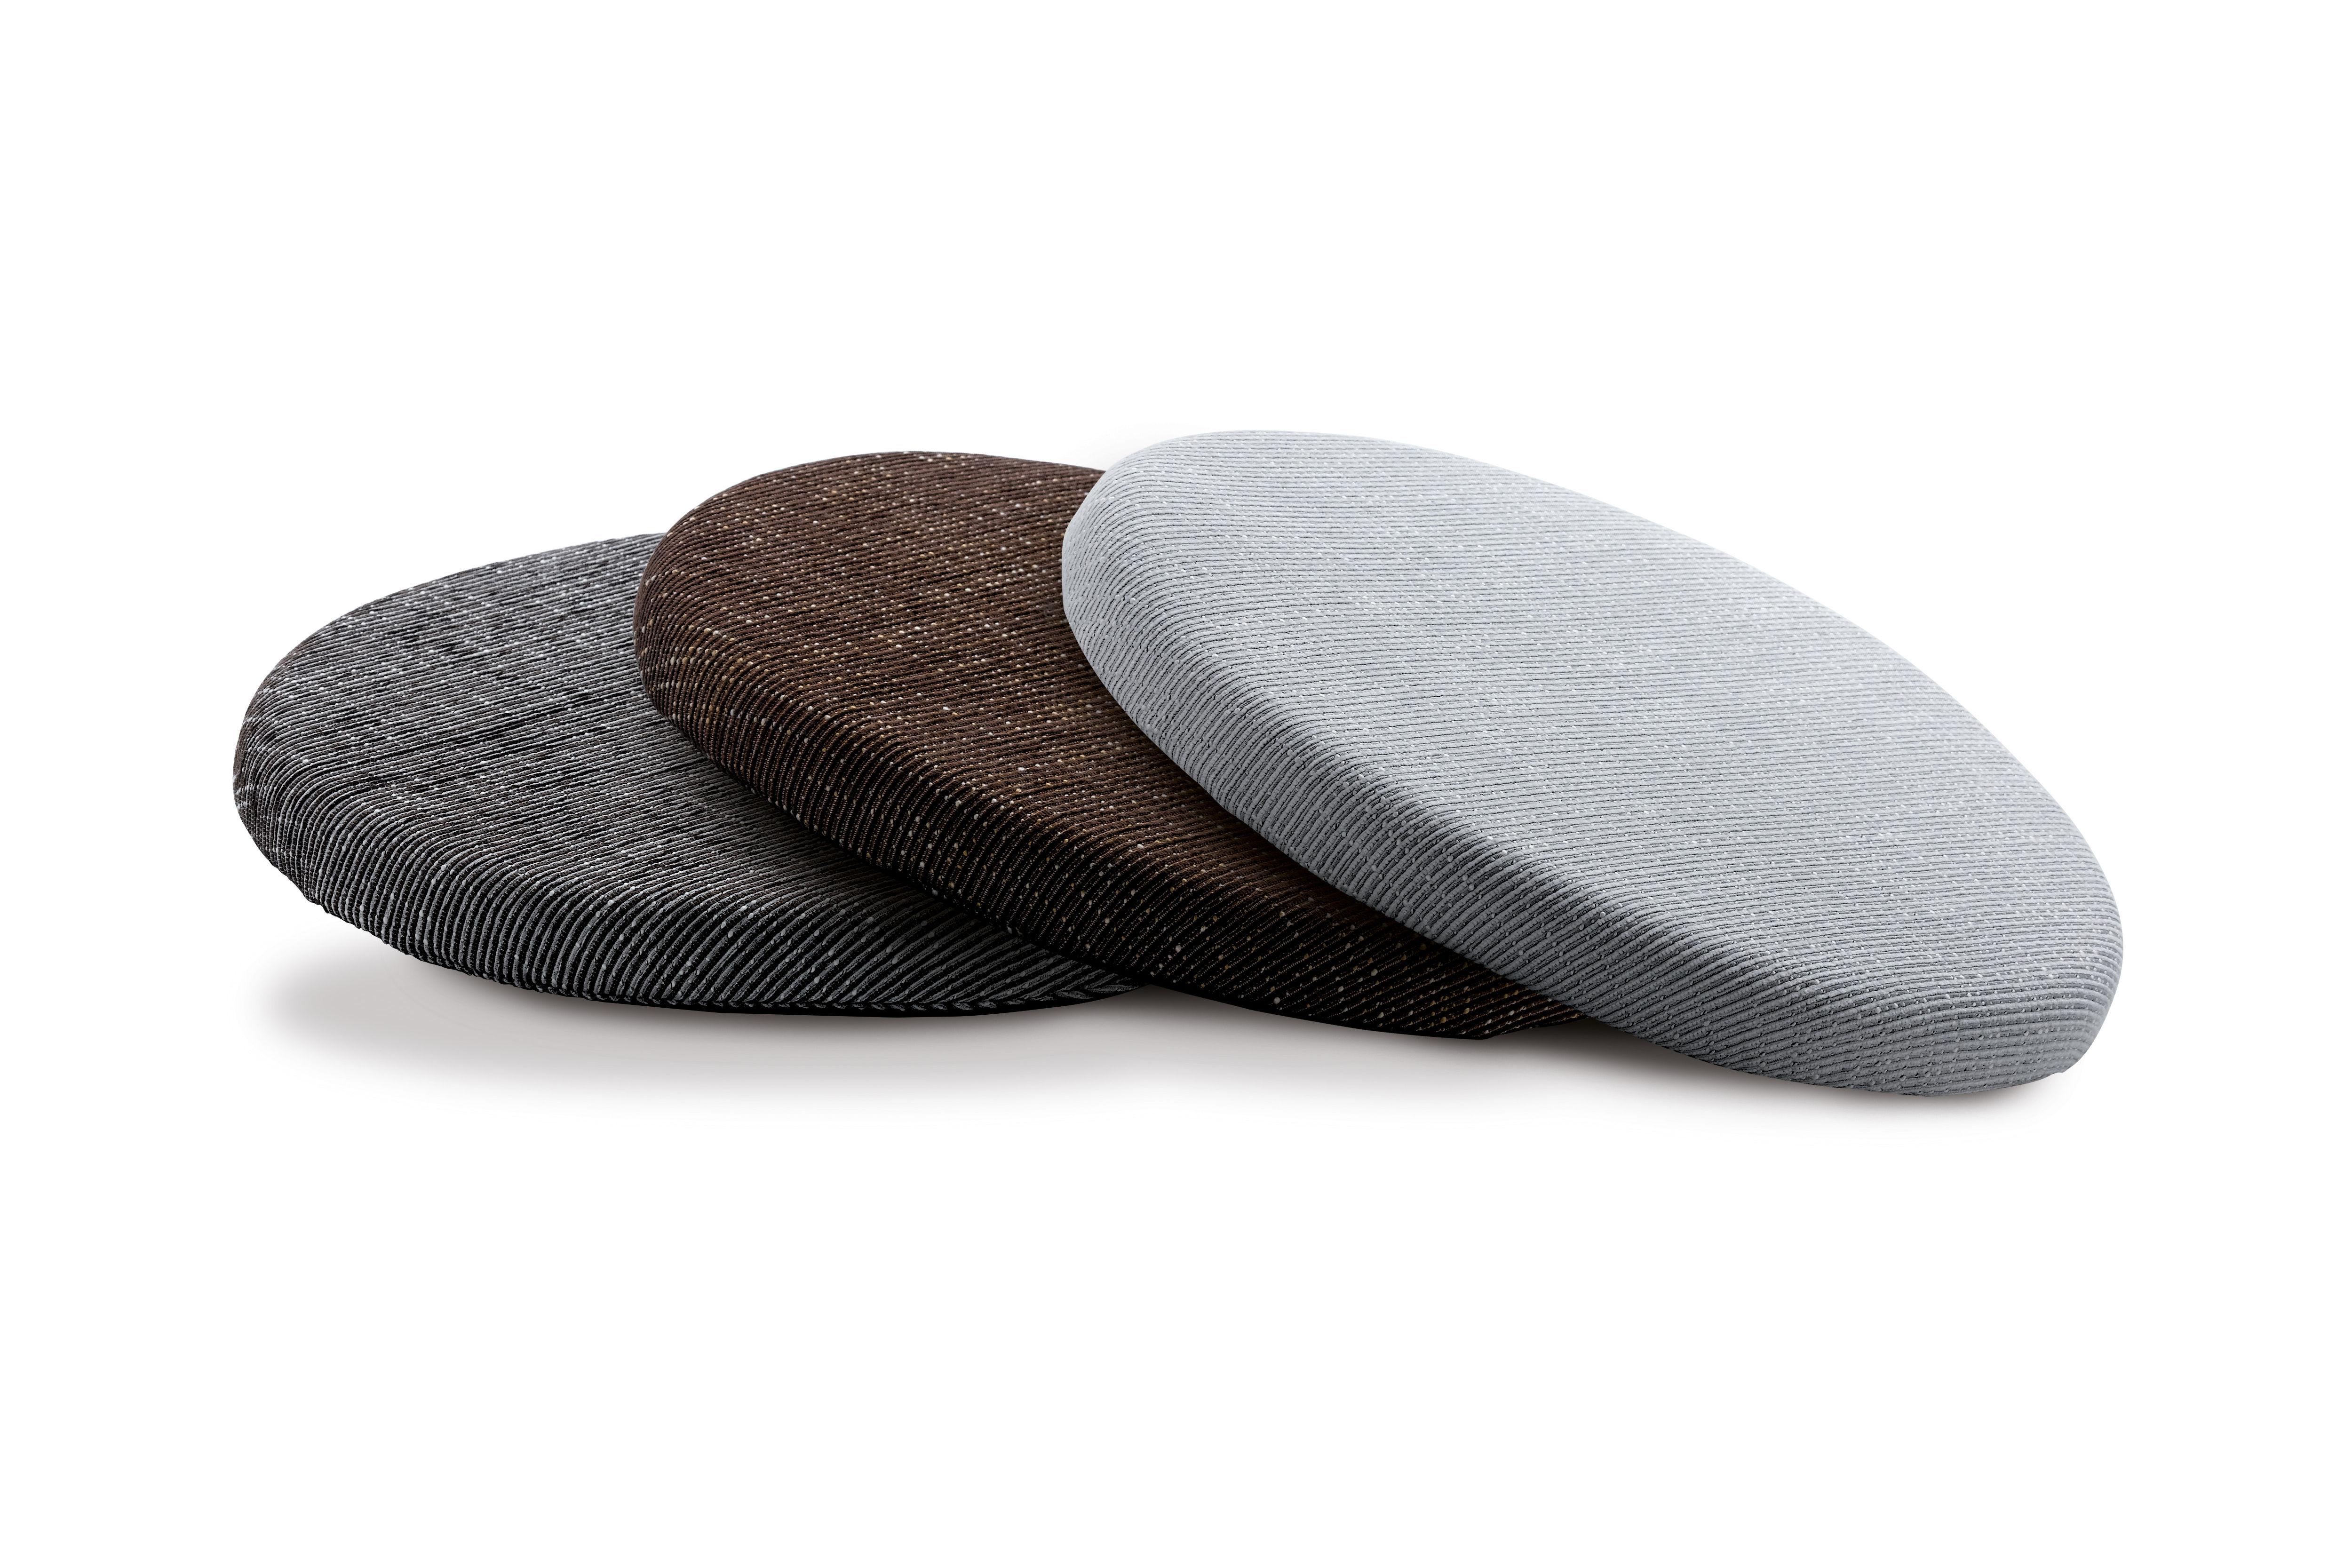 TEMPUR Marumaru -istuintyyny on kevyt, helposti mukana kannettava istuinpehmuste, joka sopii niin tuolien istuinpehmusteeksi kuin lattialla istumiseen. Tyynyn pyöreä muoto mahdollistaa käytön useimmissa tuolimalleissa.